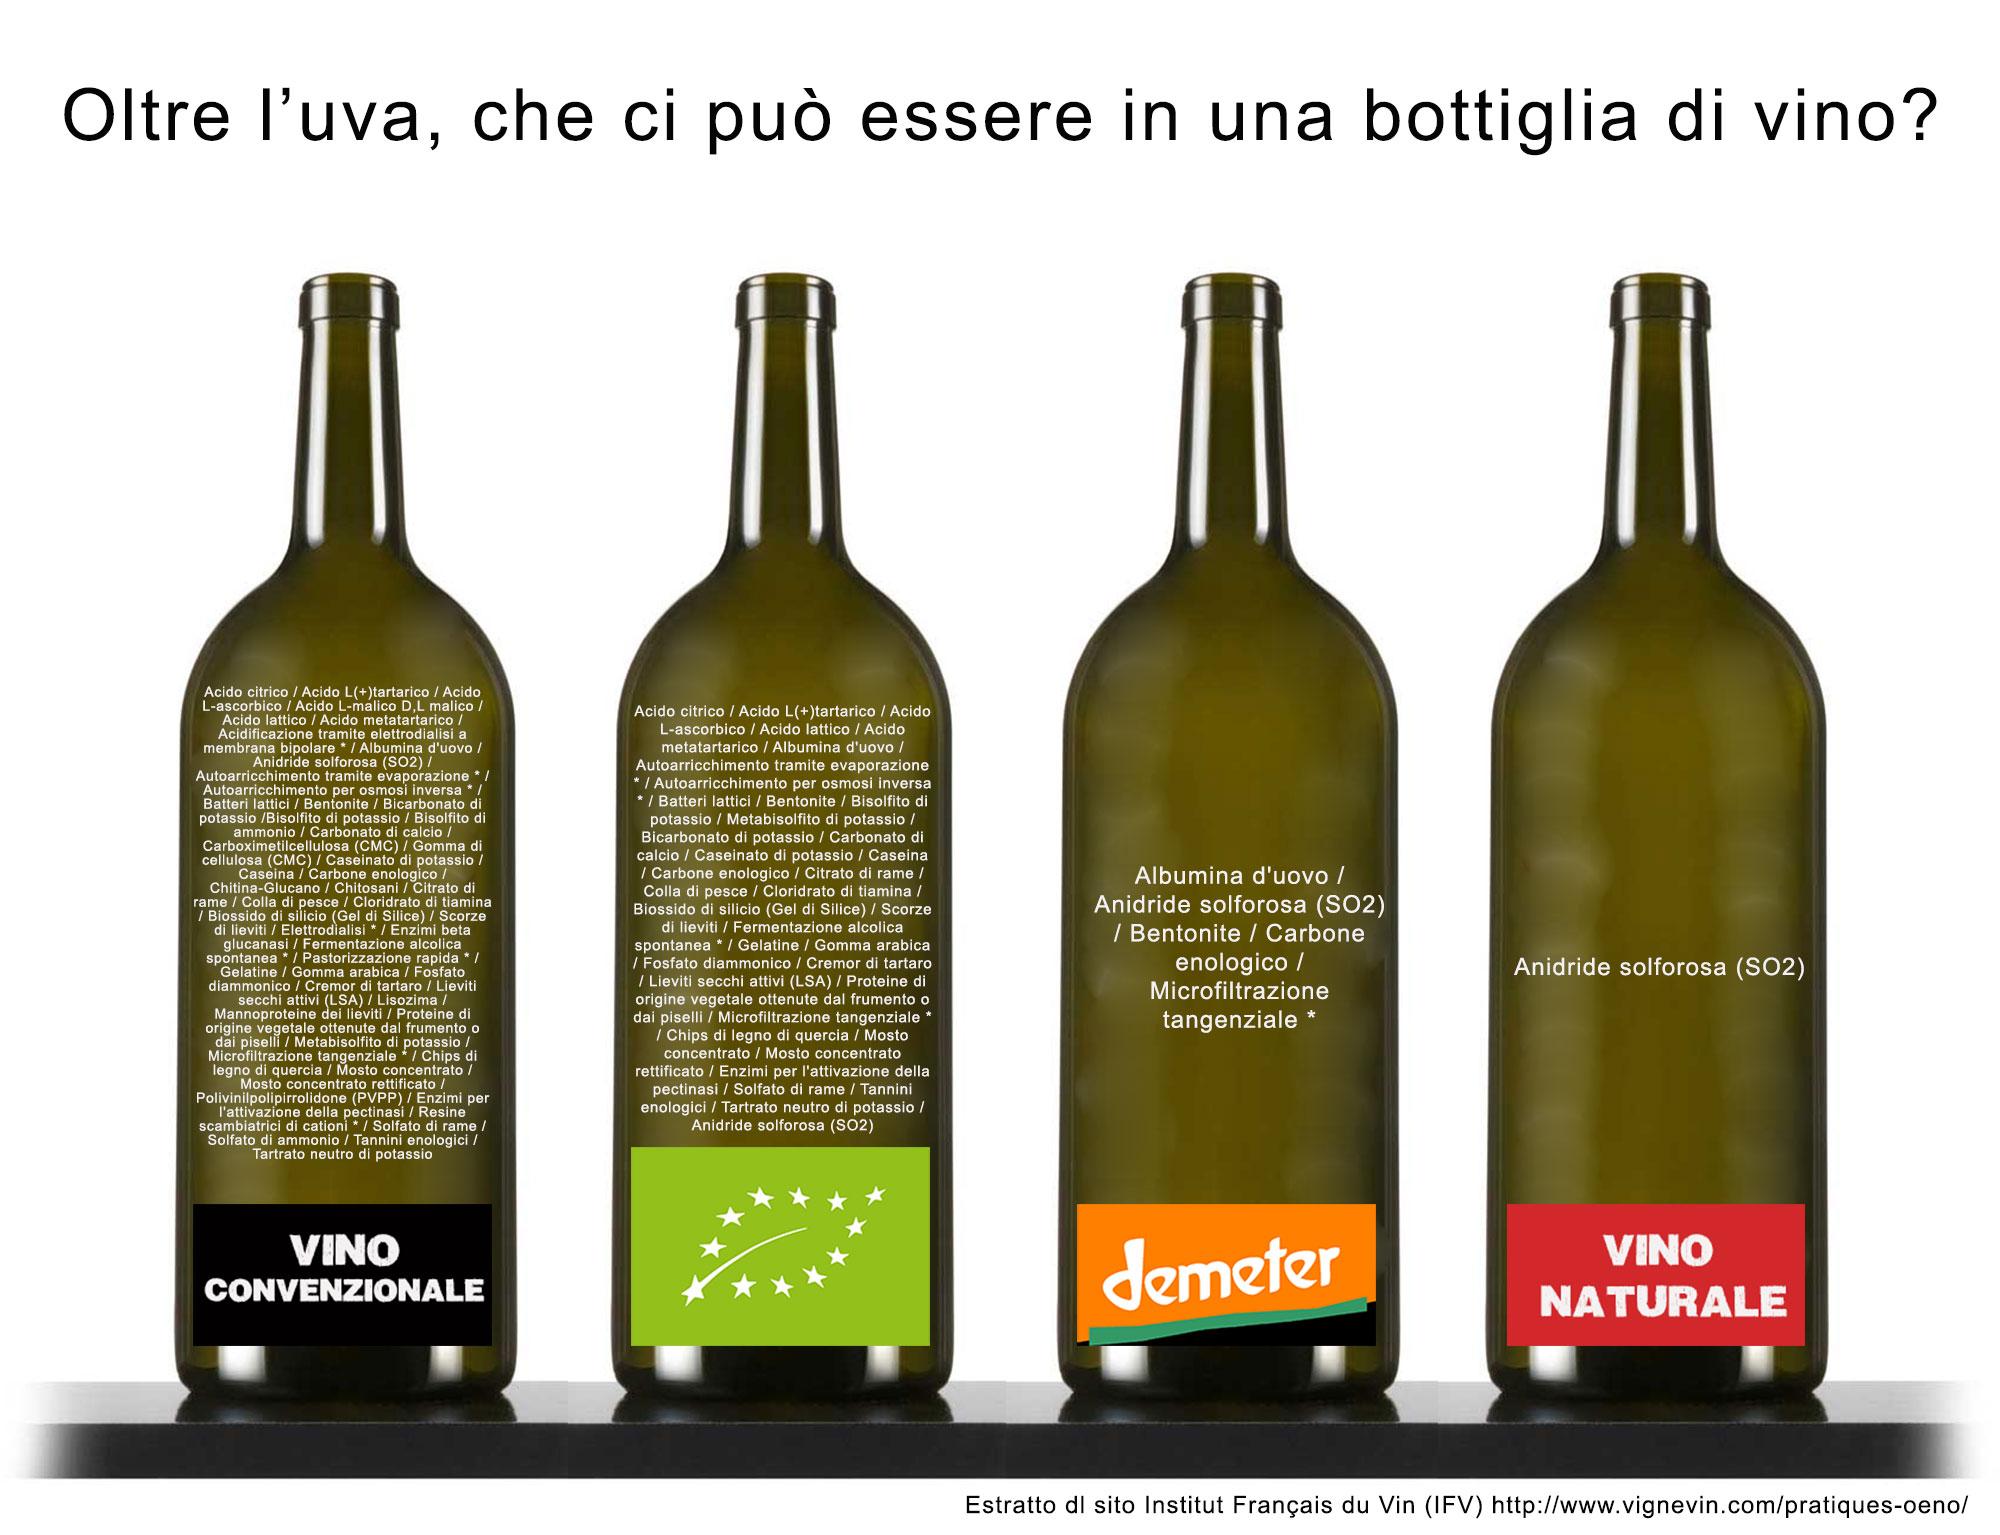 Pochi semplici punti per capire cosa fa la differenza nei vini naturali